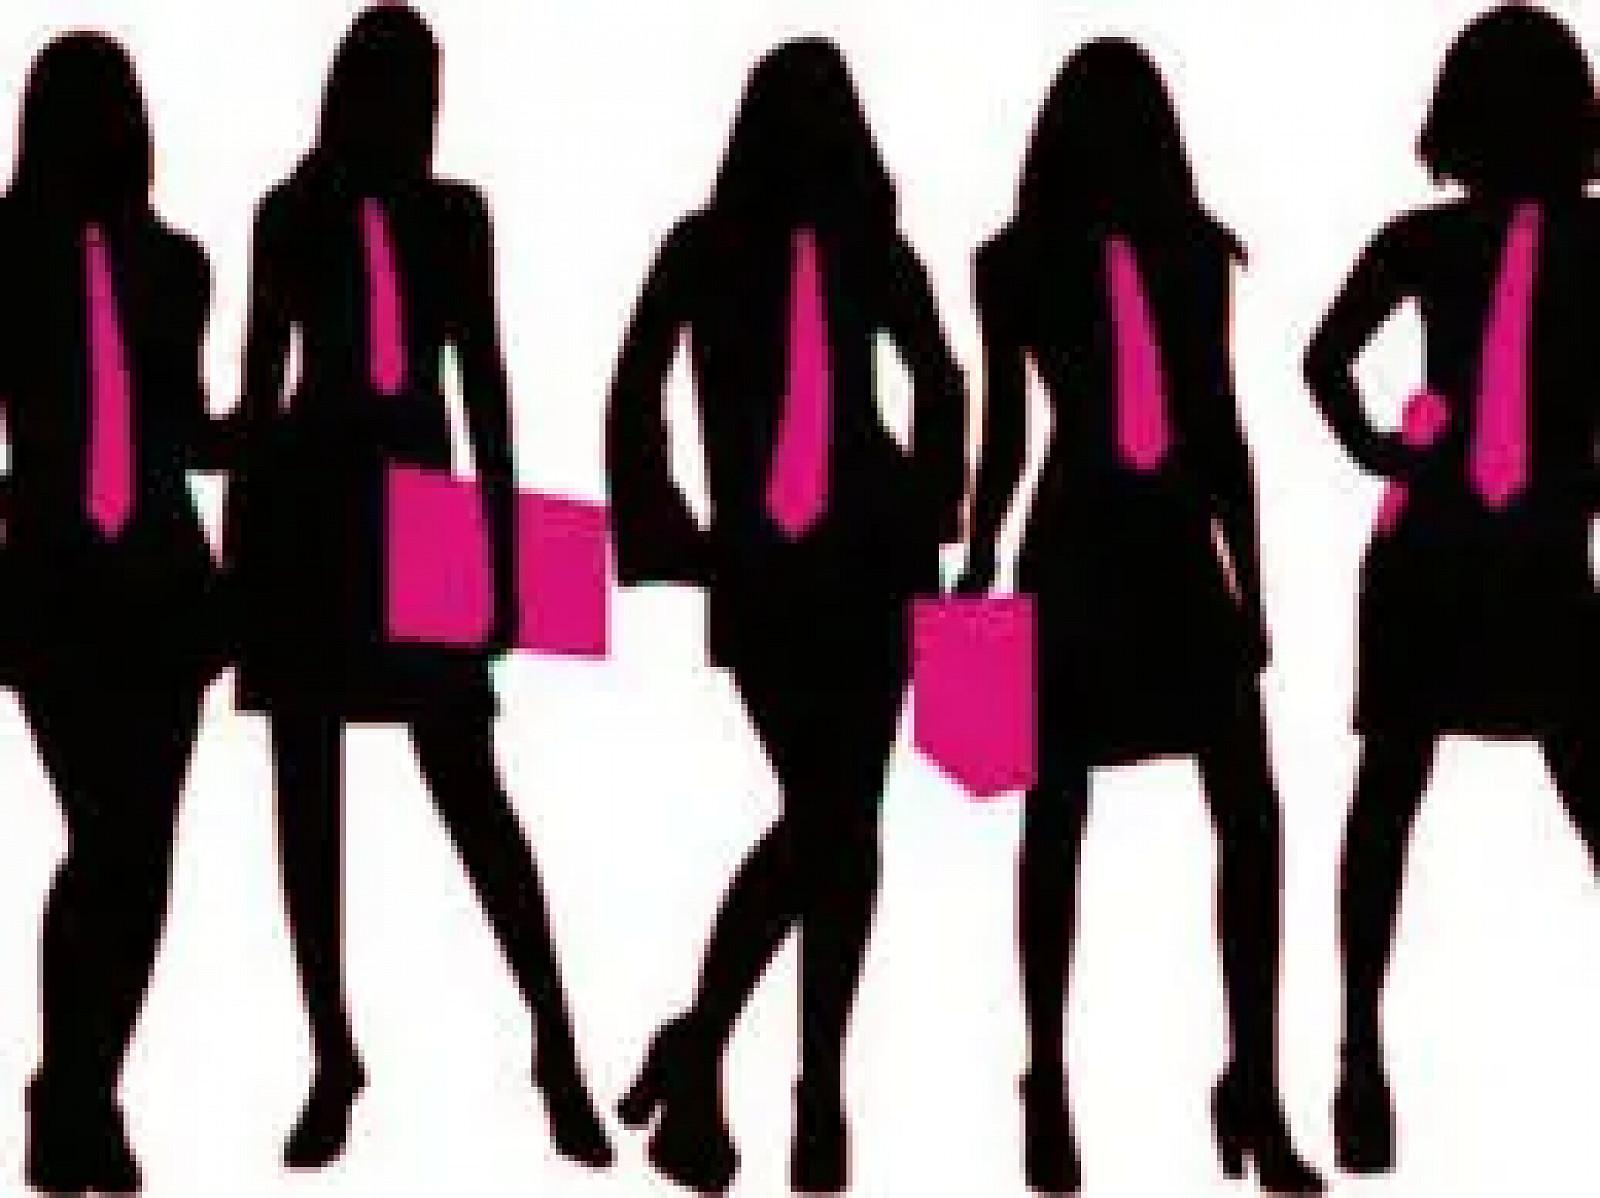 410 milioni per finanziare l'imprenditoria femminile.